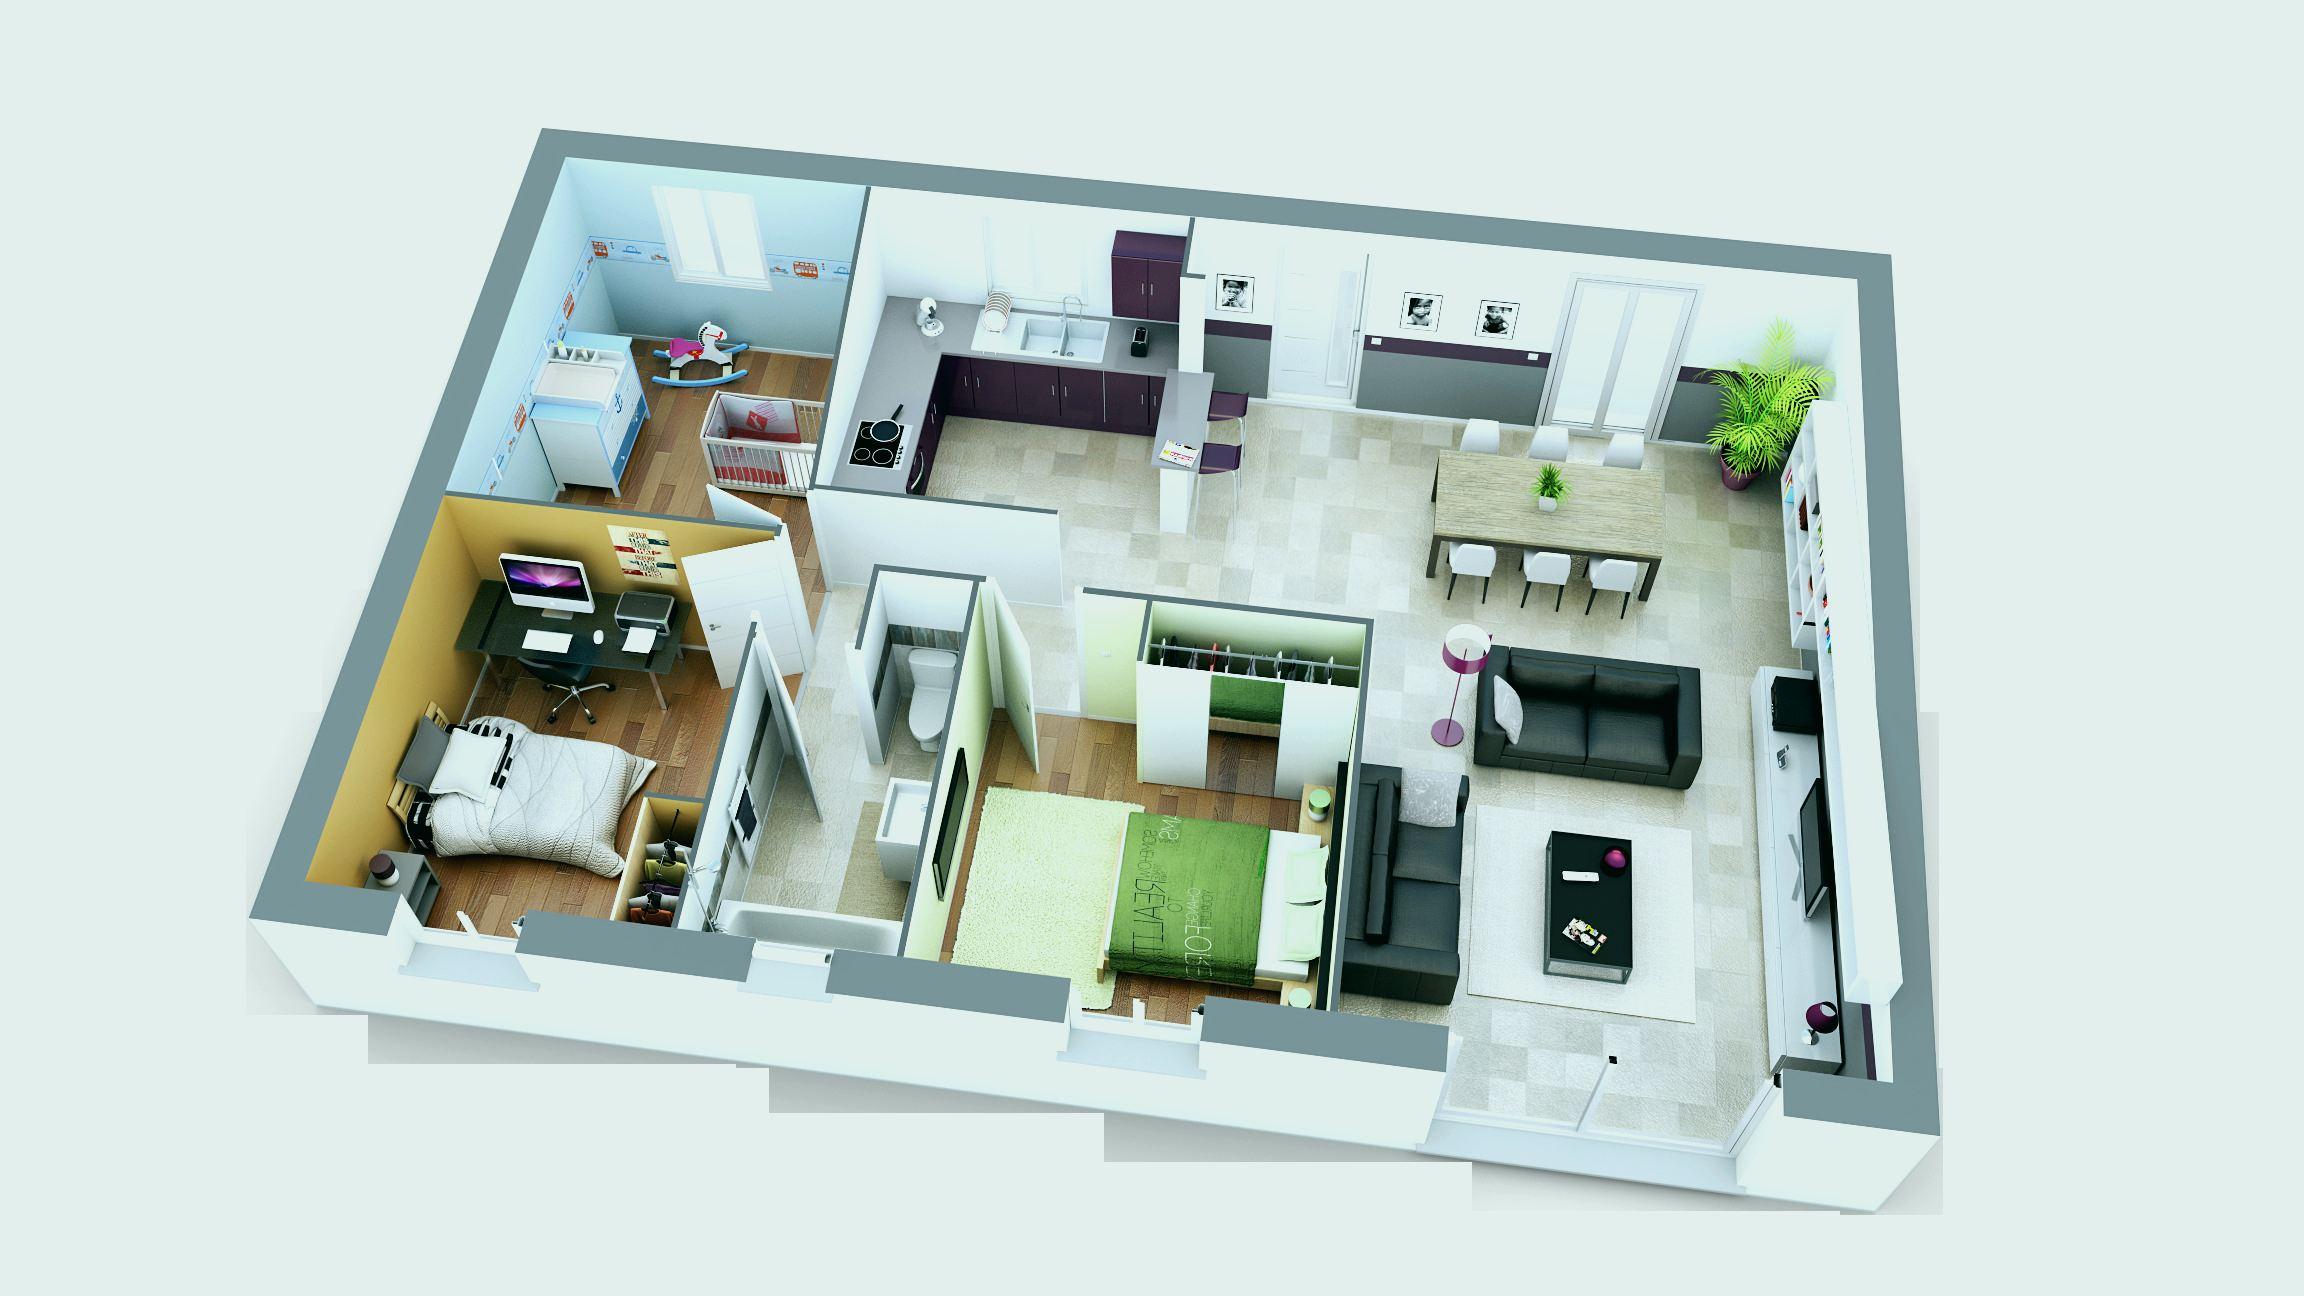 Maison Interieur Luxe Élégant Photos Plan Cuisine Gratuit Luxe Logiciel Decoration Interieur Gratuit